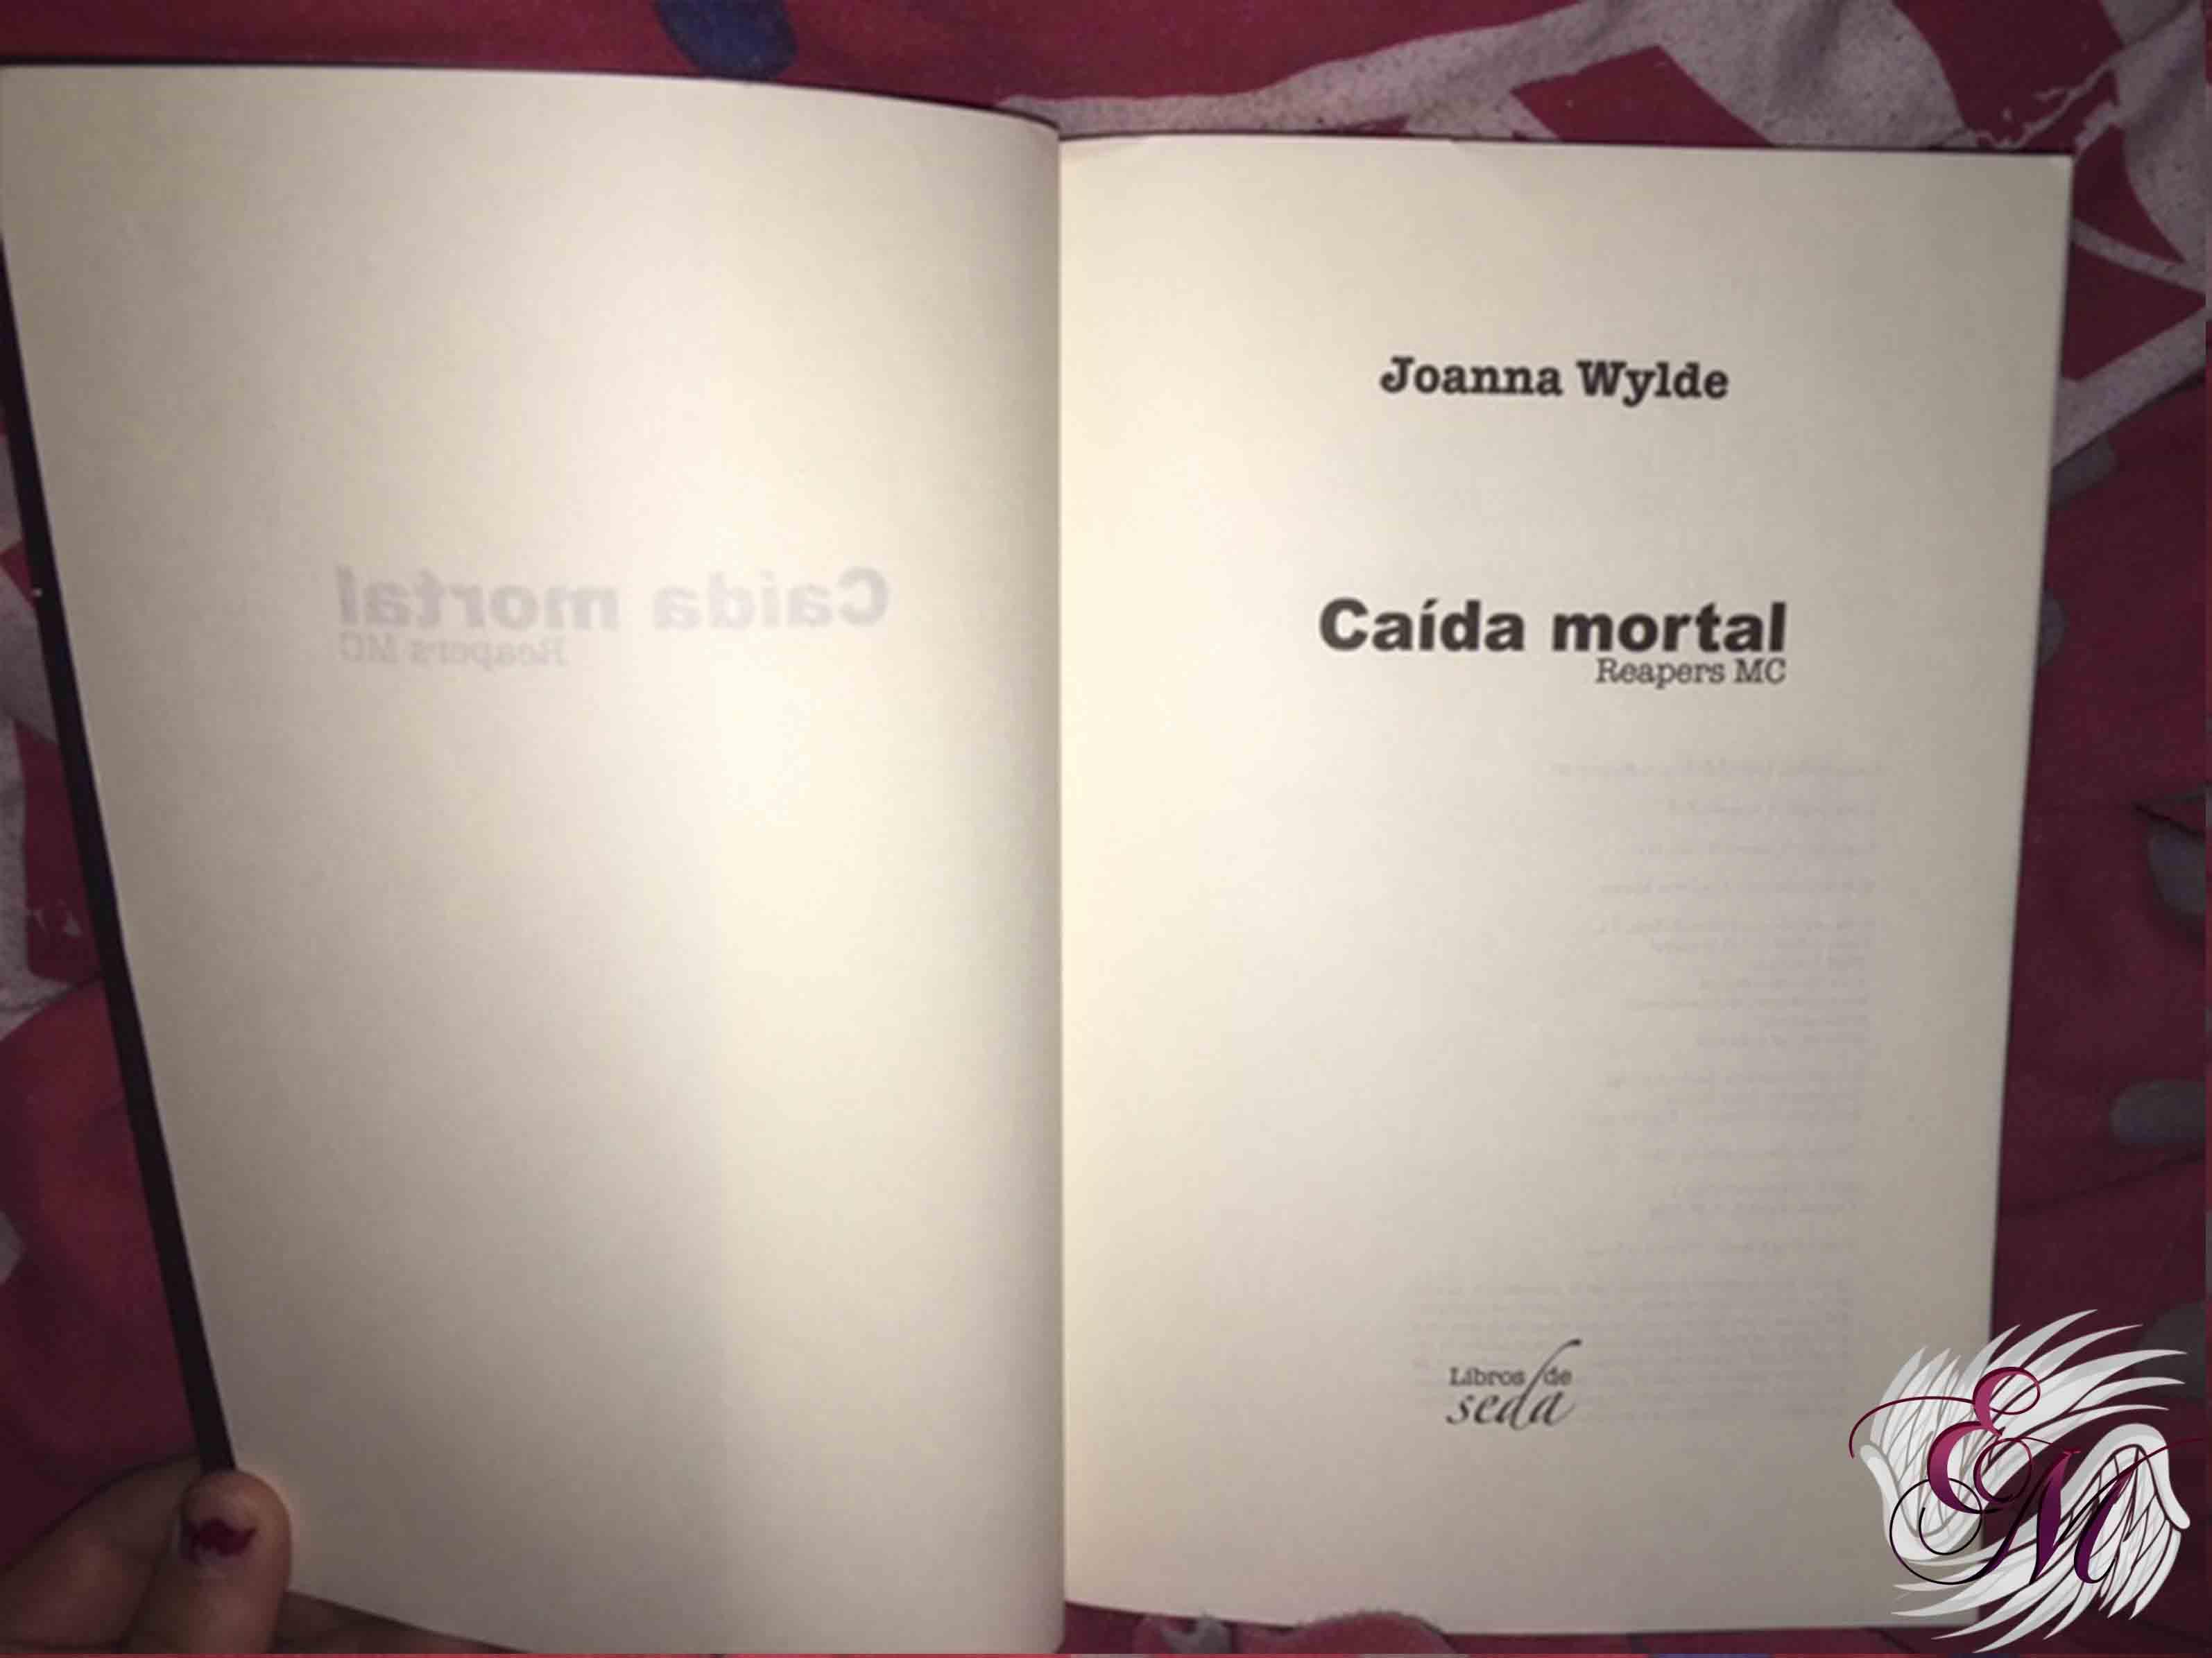 Caída mortal, de Joanna Wylde - Reseña